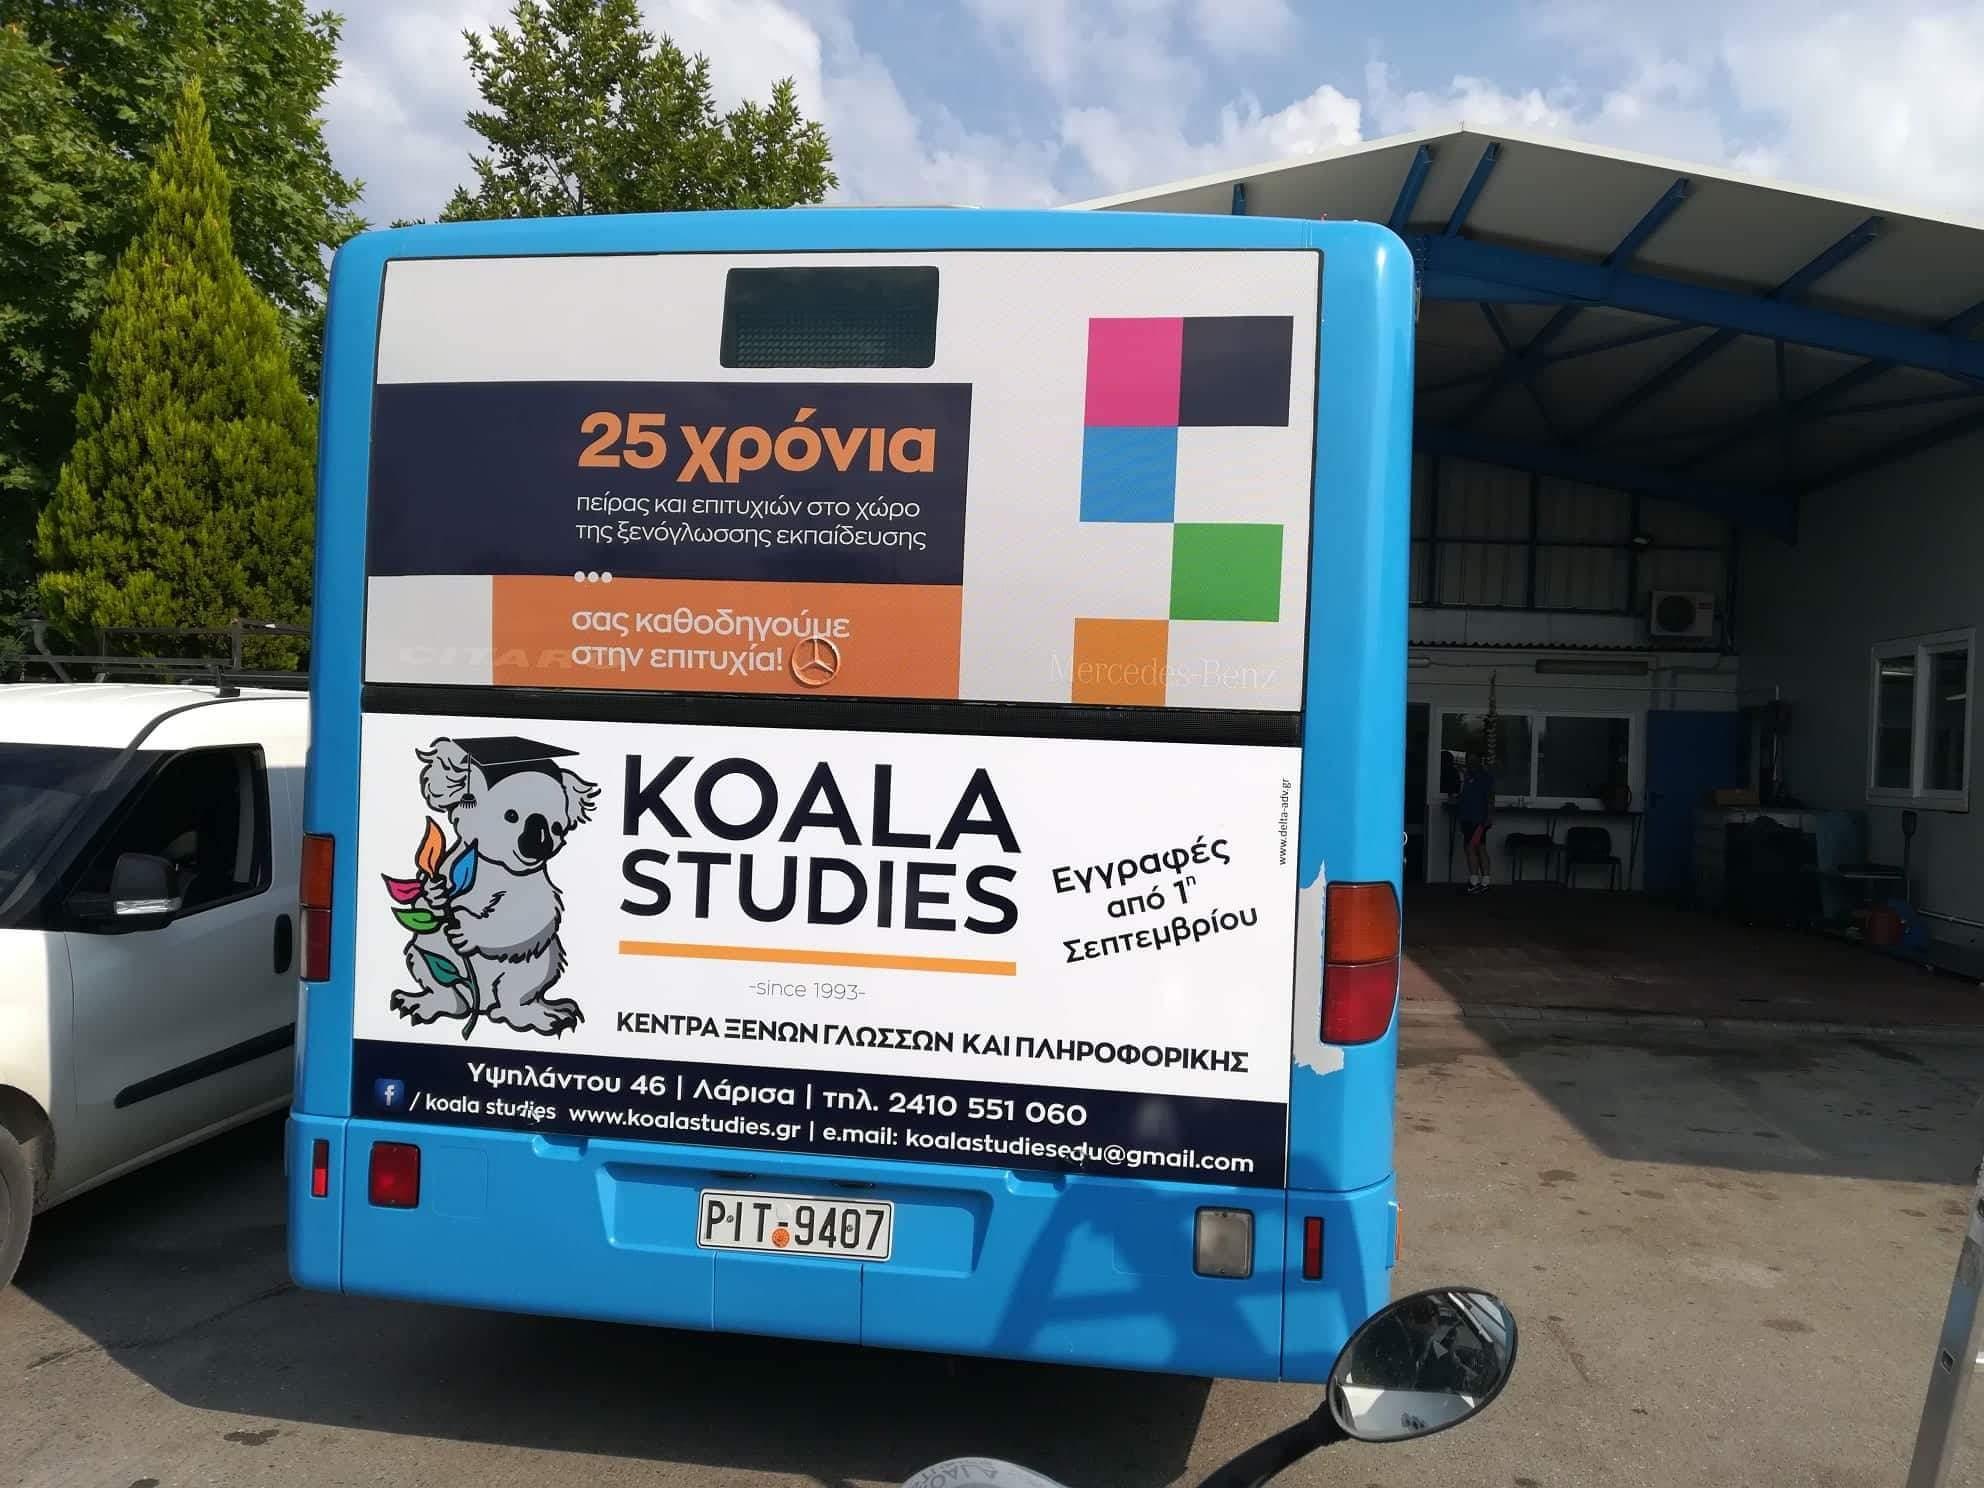 koala leoforeio_1